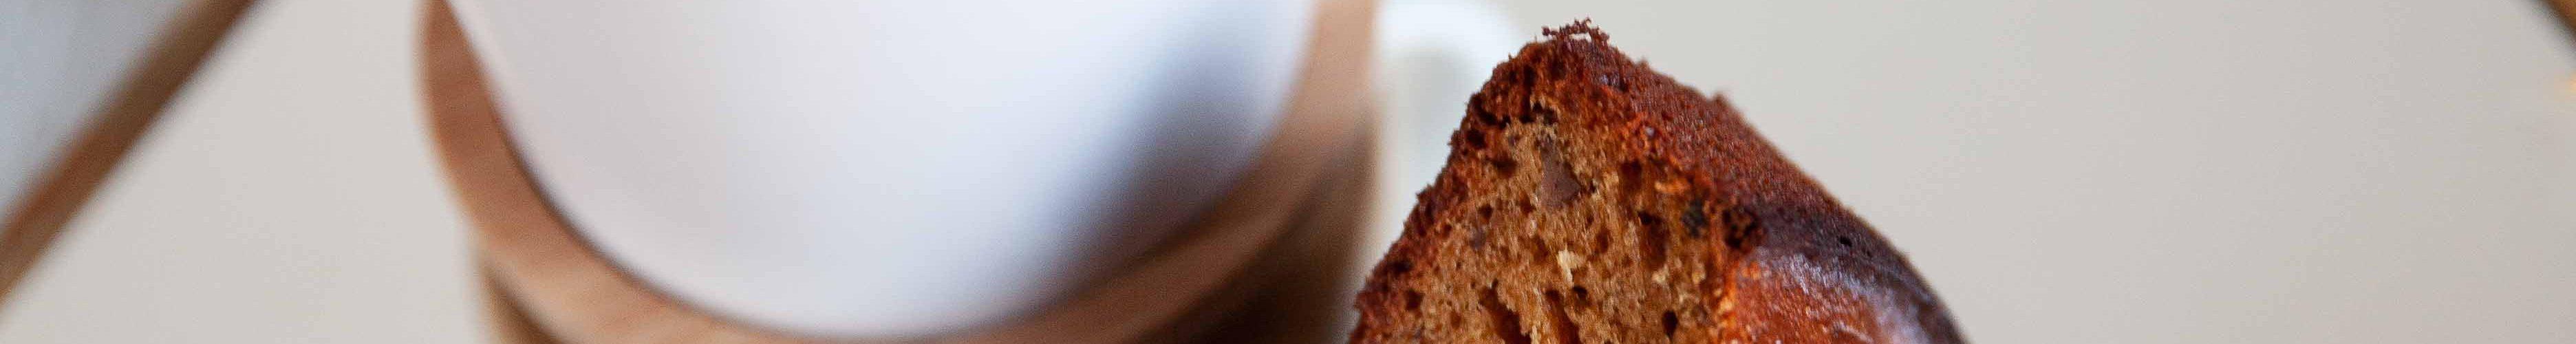 Recette facile de gâteau moelleux aux châtaignes